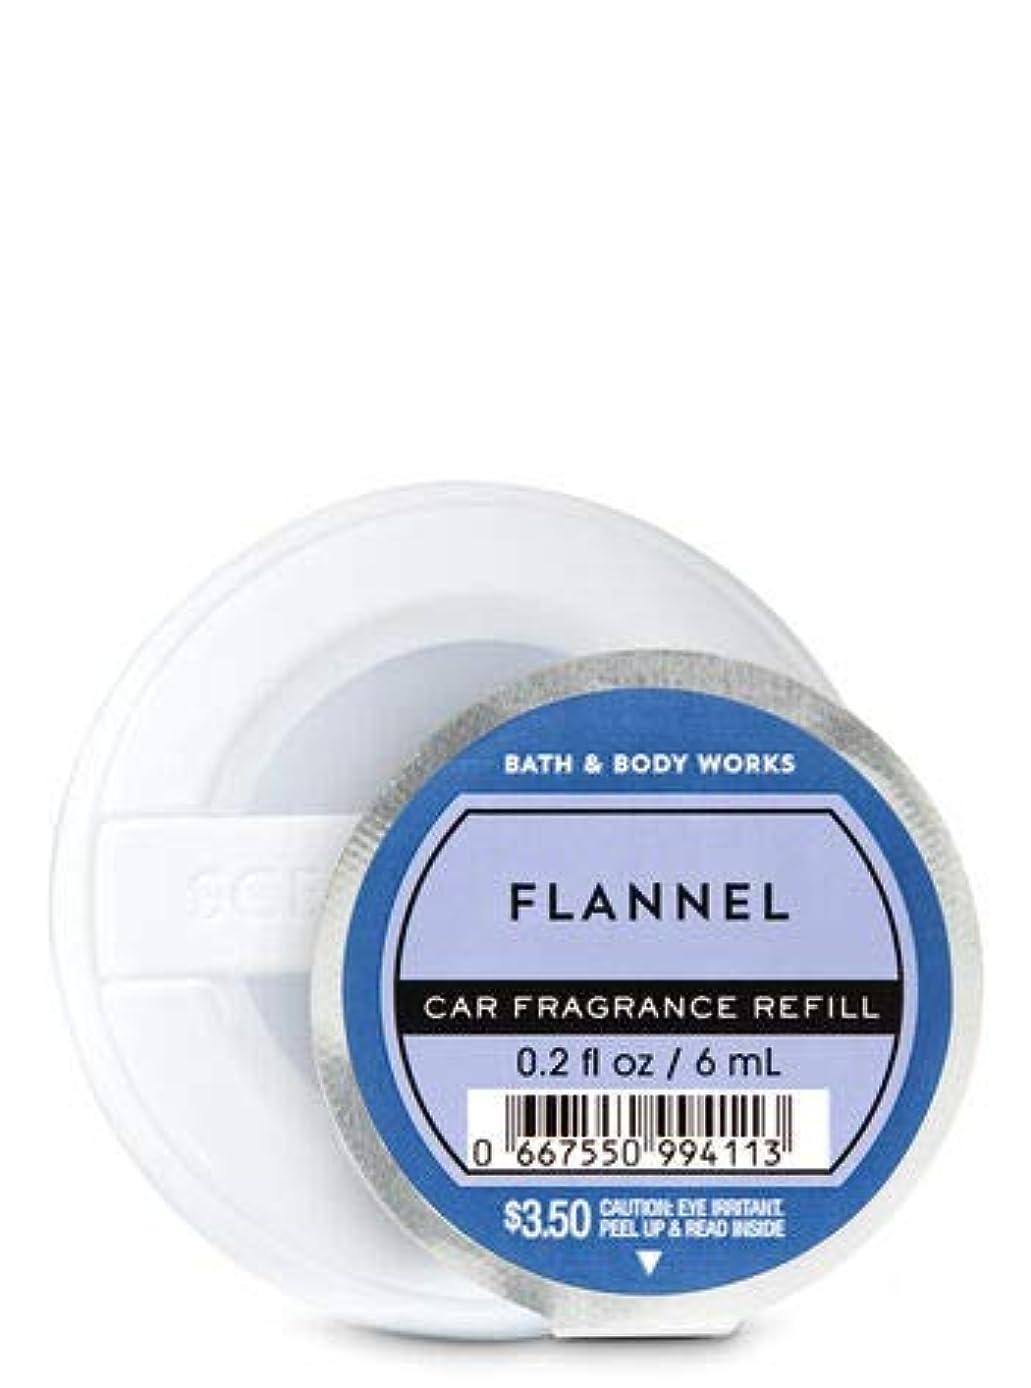 期限親愛なライフル【Bath&Body Works/バス&ボディワークス】 クリップ式芳香剤 セントポータブル詰替えリフィル フランネル Scentportable Fragrance Refill Flannel [並行輸入品]